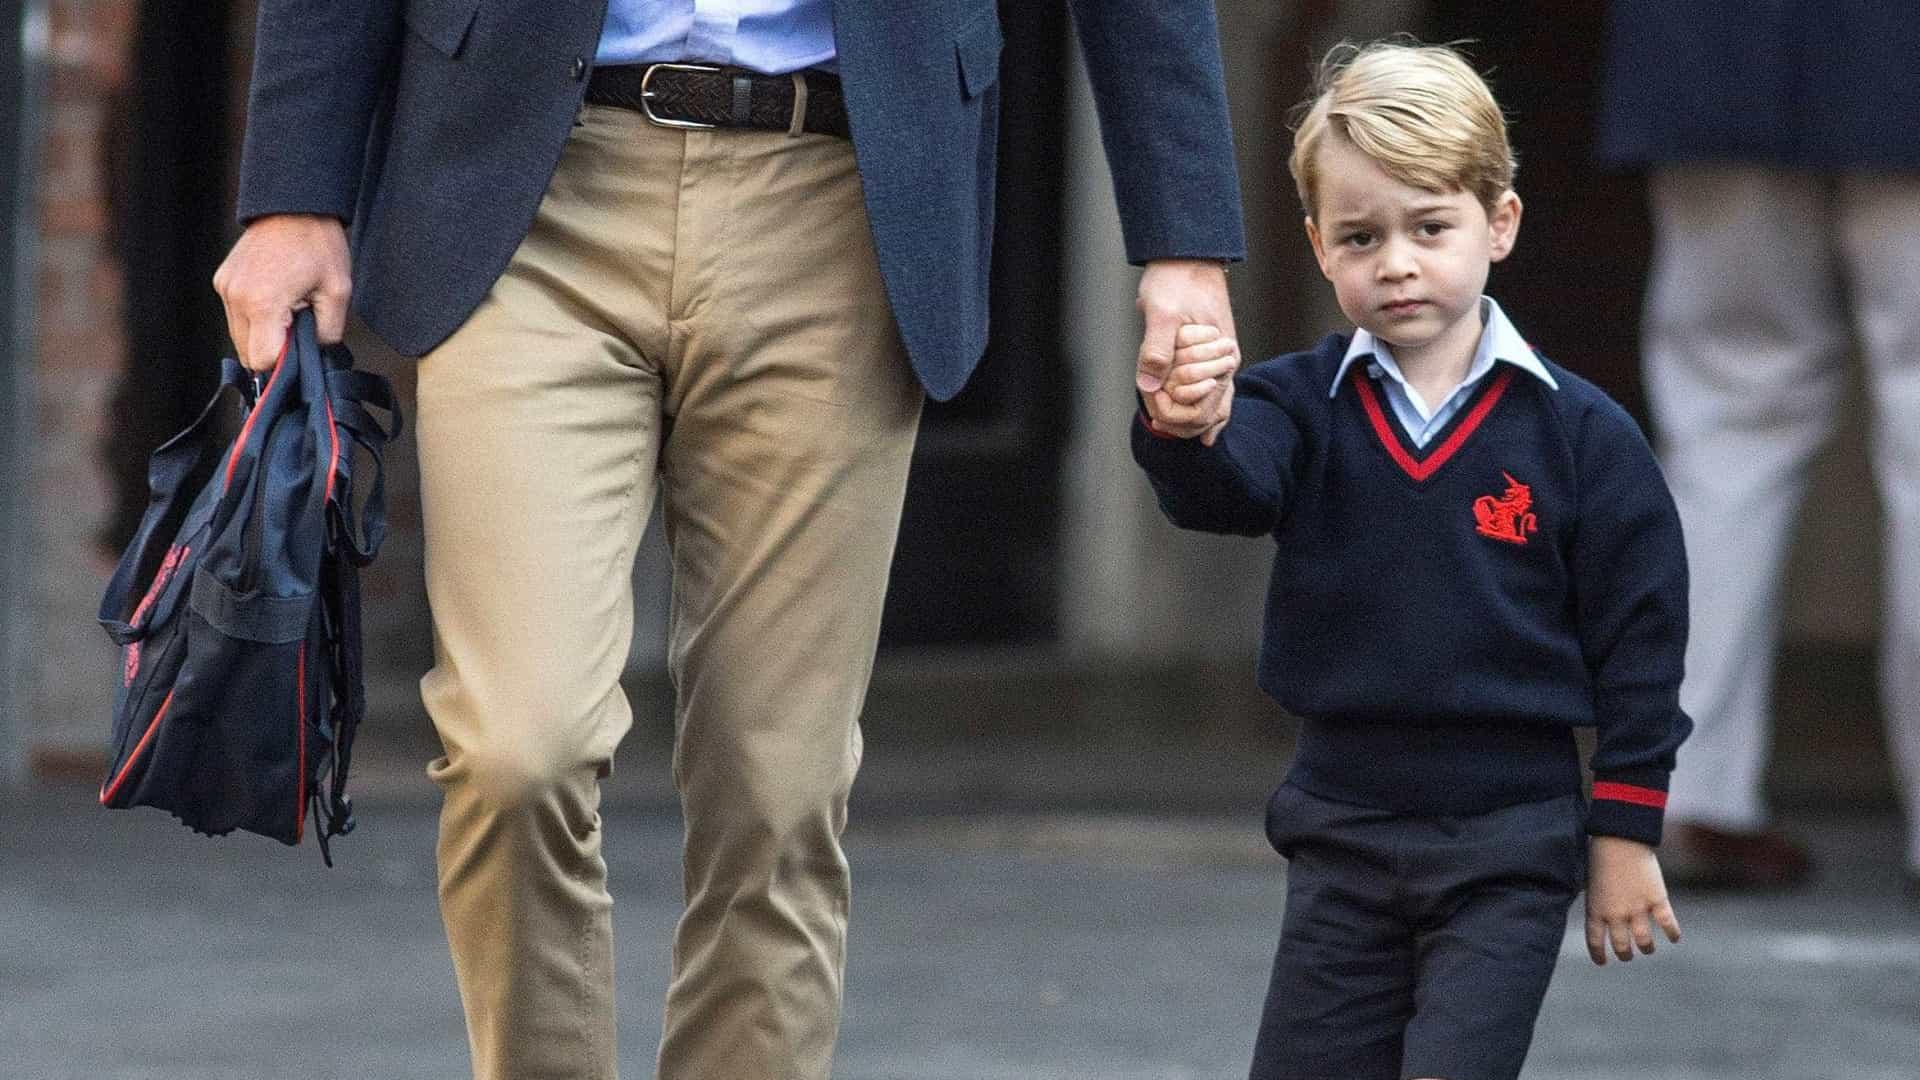 Amigos de George terão de ser investigados antes de entrarem no palácio